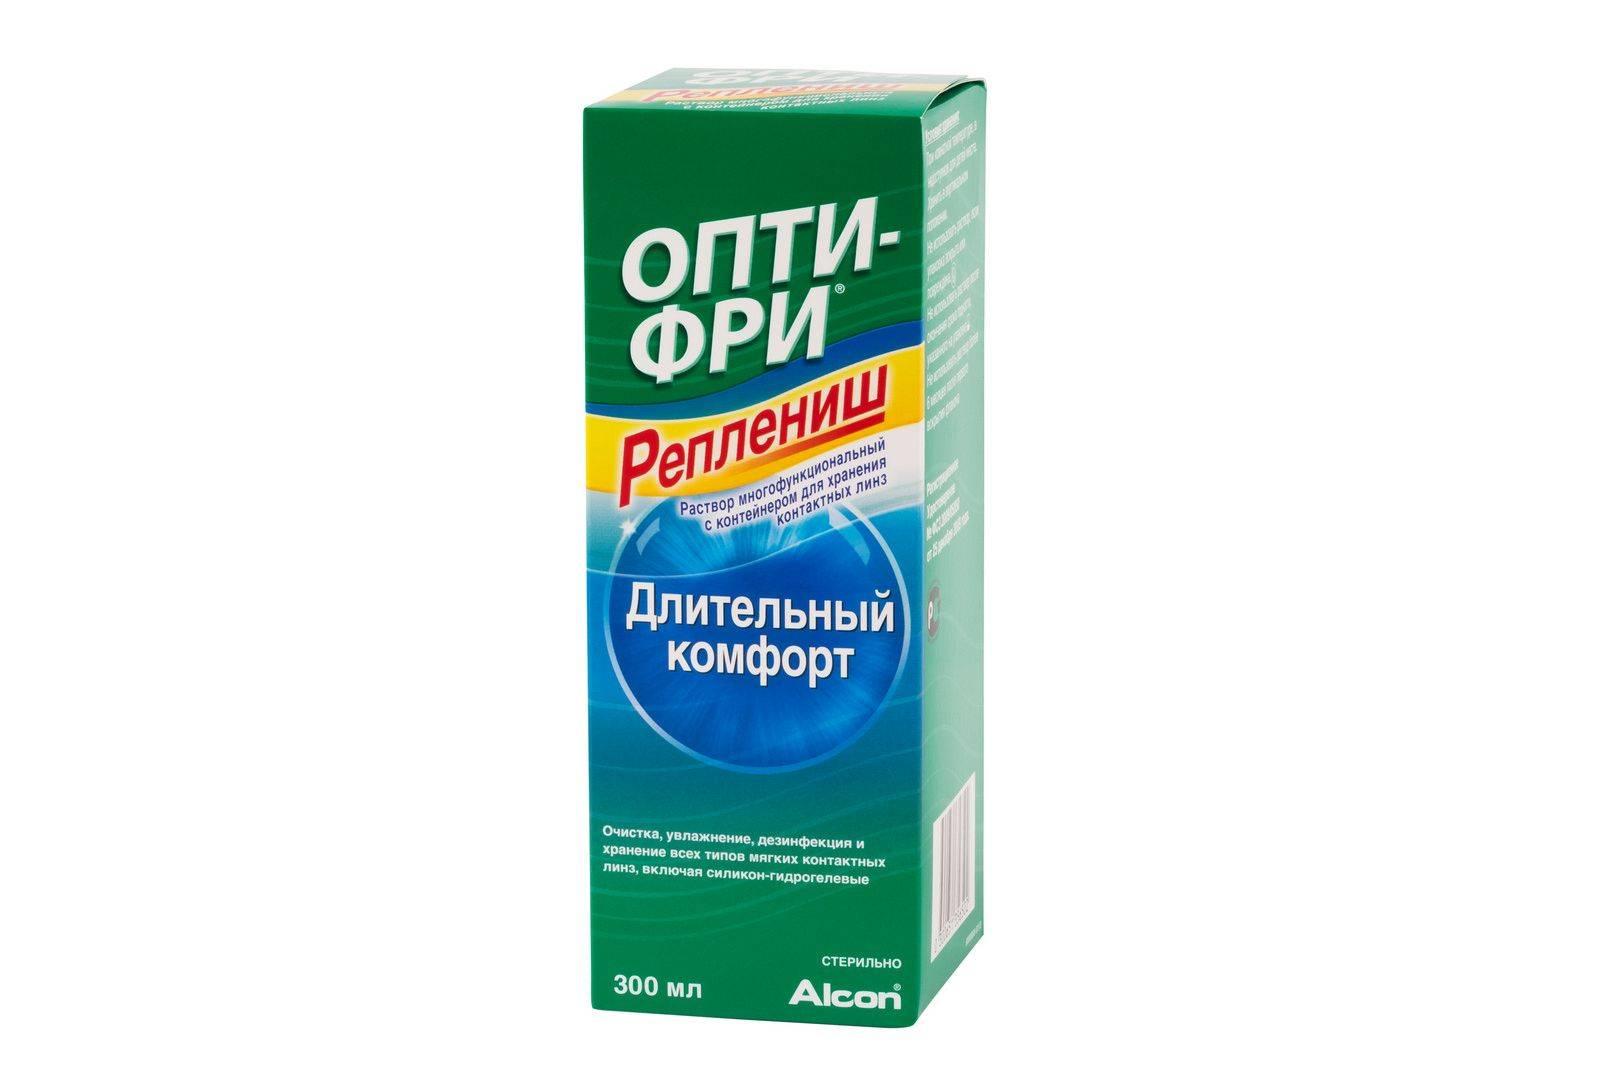 Раствор для линз опти-фри - преимущества и недостатки oculistic.ru раствор для линз опти-фри - преимущества и недостатки